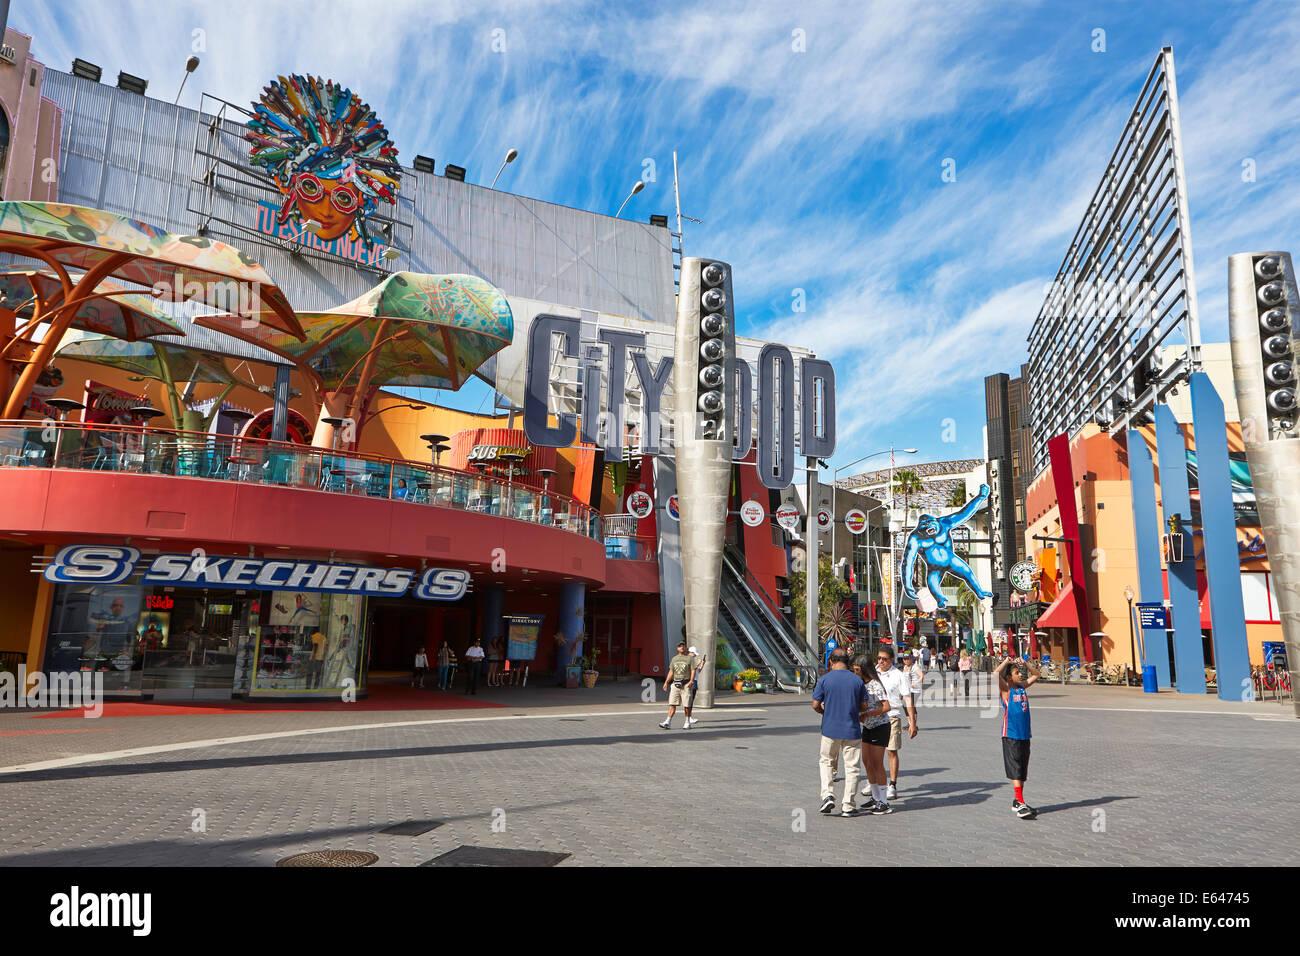 Città Universale scena di strada. Hollywood e Los Angeles, California, USA. Immagini Stock